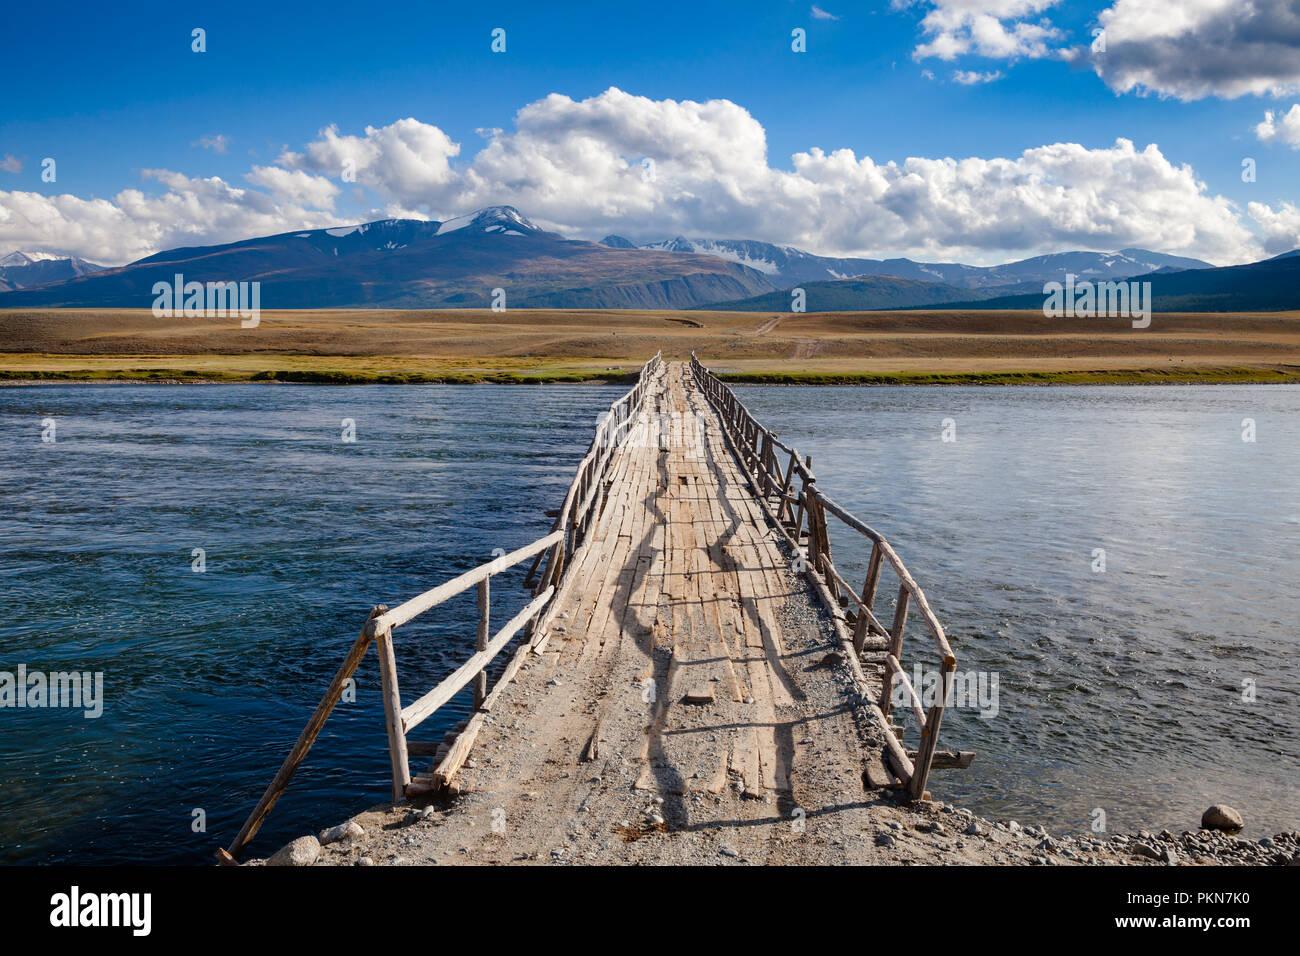 Shabby pont de bois sur une rivière avec des montagnes en arrière-plan, les montagnes de l'Altaï, dans l'ouest de la Mongolie Banque D'Images